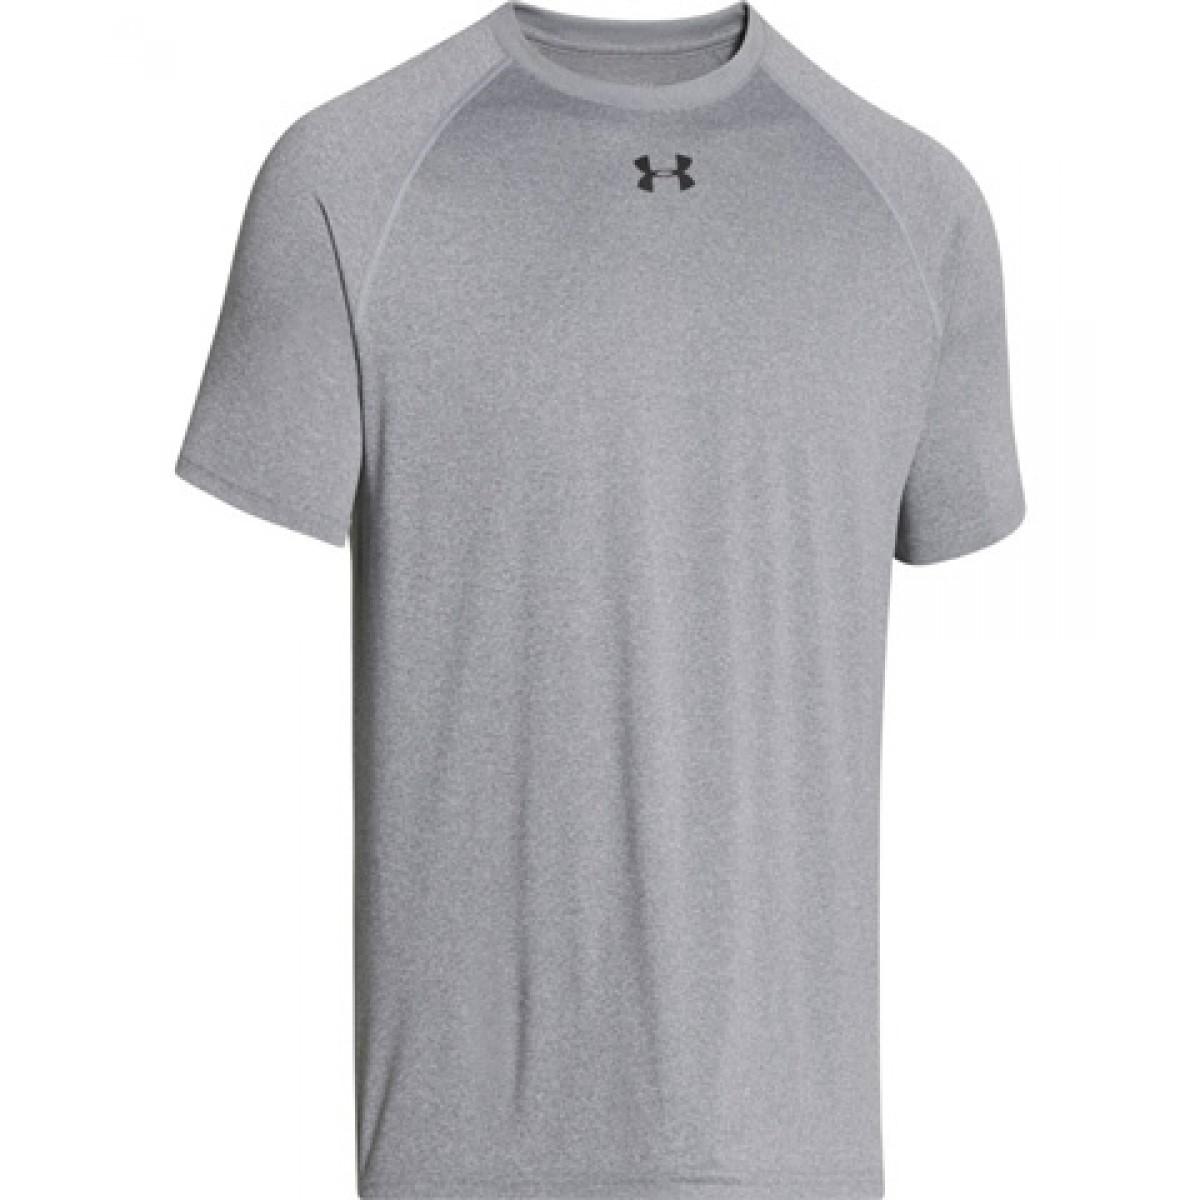 Gray Under Armor Short Sleeve